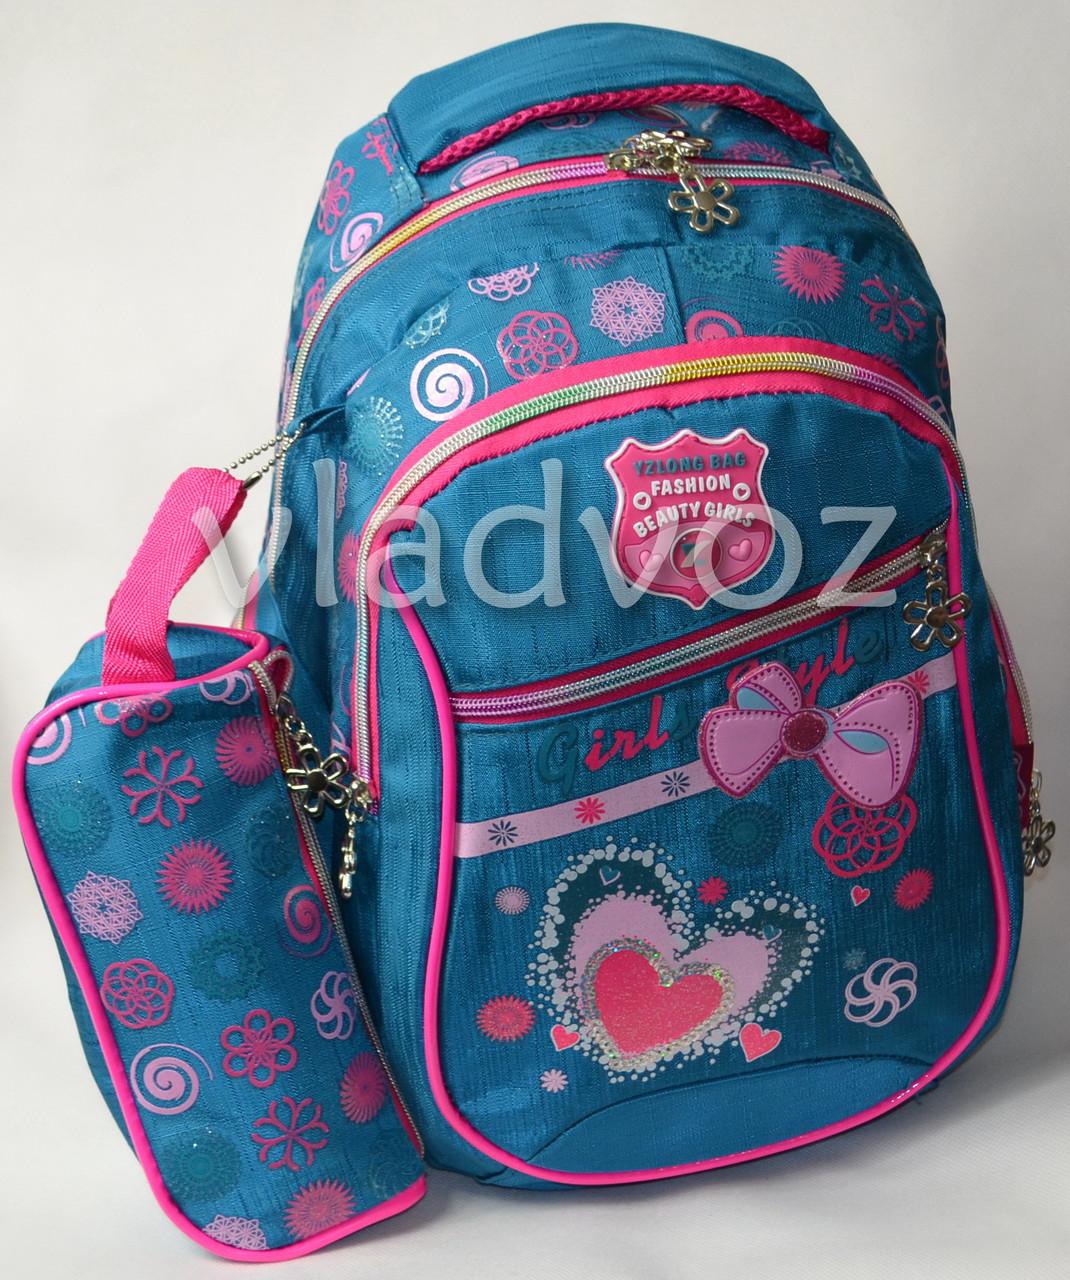 017f9ee6da00 Школьный рюкзак для девочки с пеналом бантик зел. - ☎ VIBER 0977864700  интернет магазин vladvoz